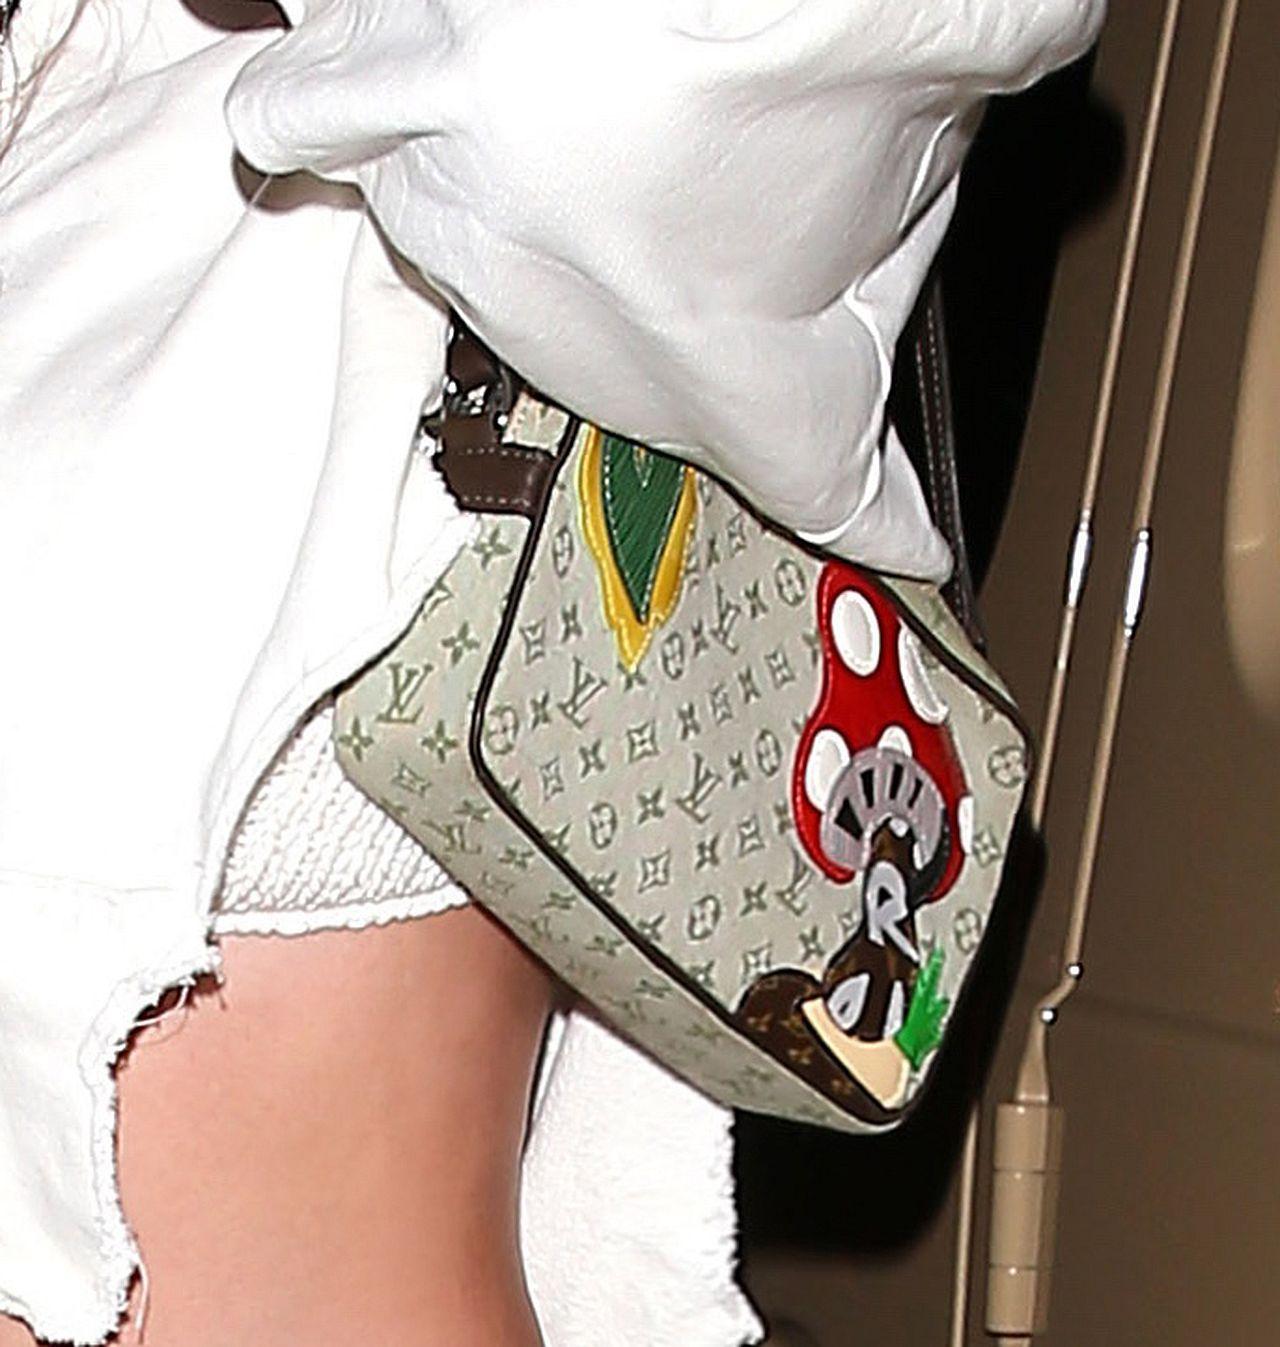 Kylie Jenner z torebką Louis Vuitton